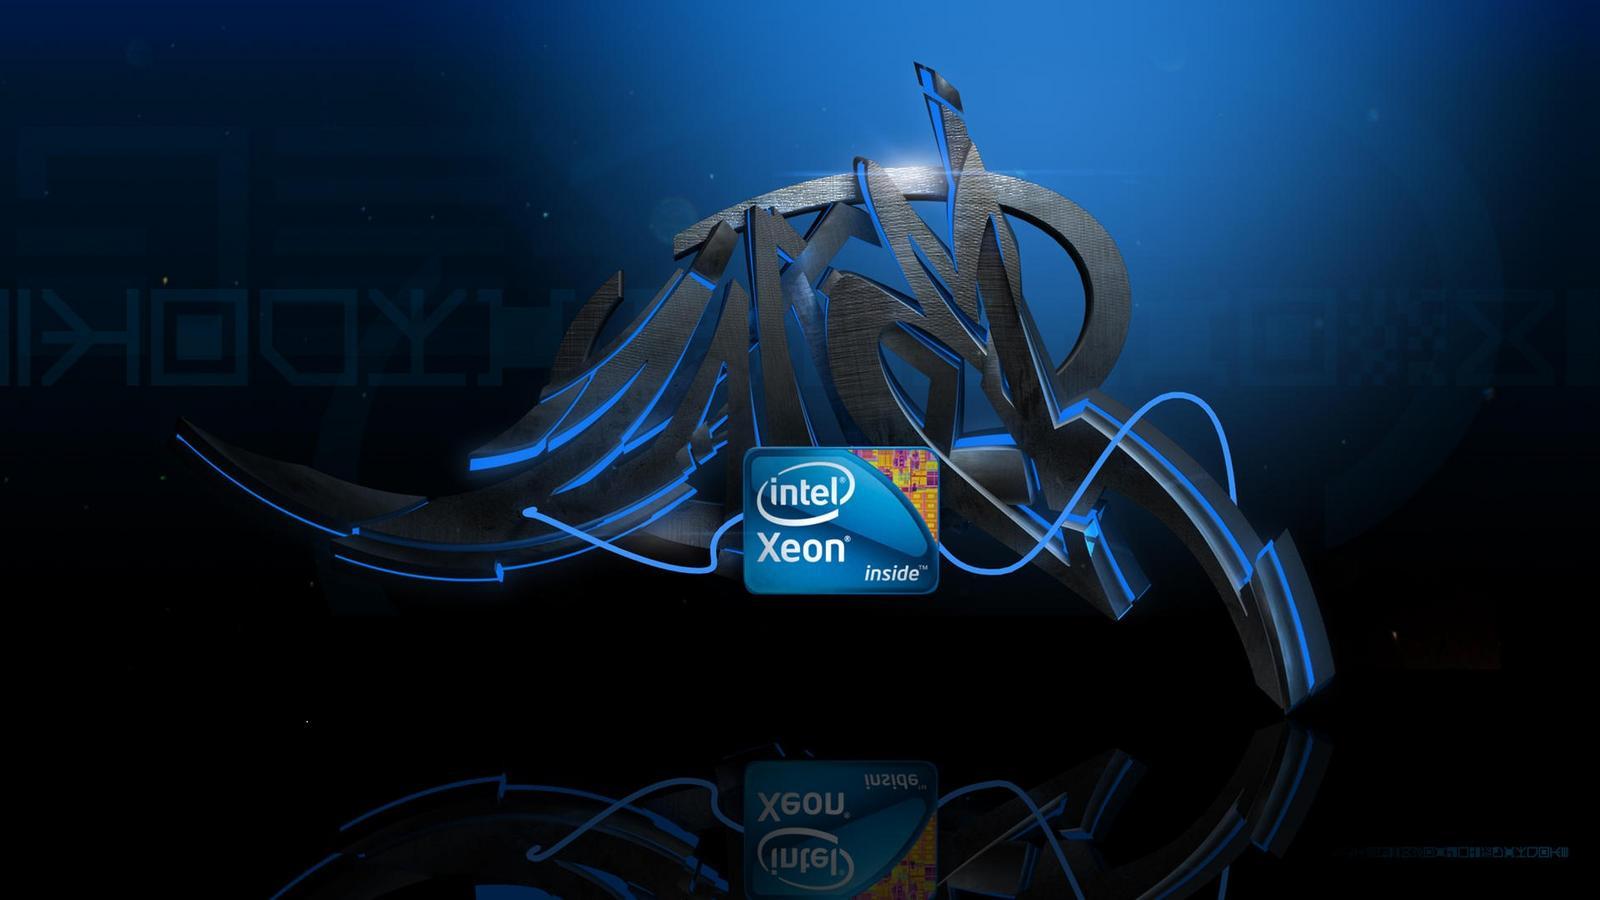 Free download Hogans Intel Quad Xeon I5 I7 Wallpapers 1920 x 1080